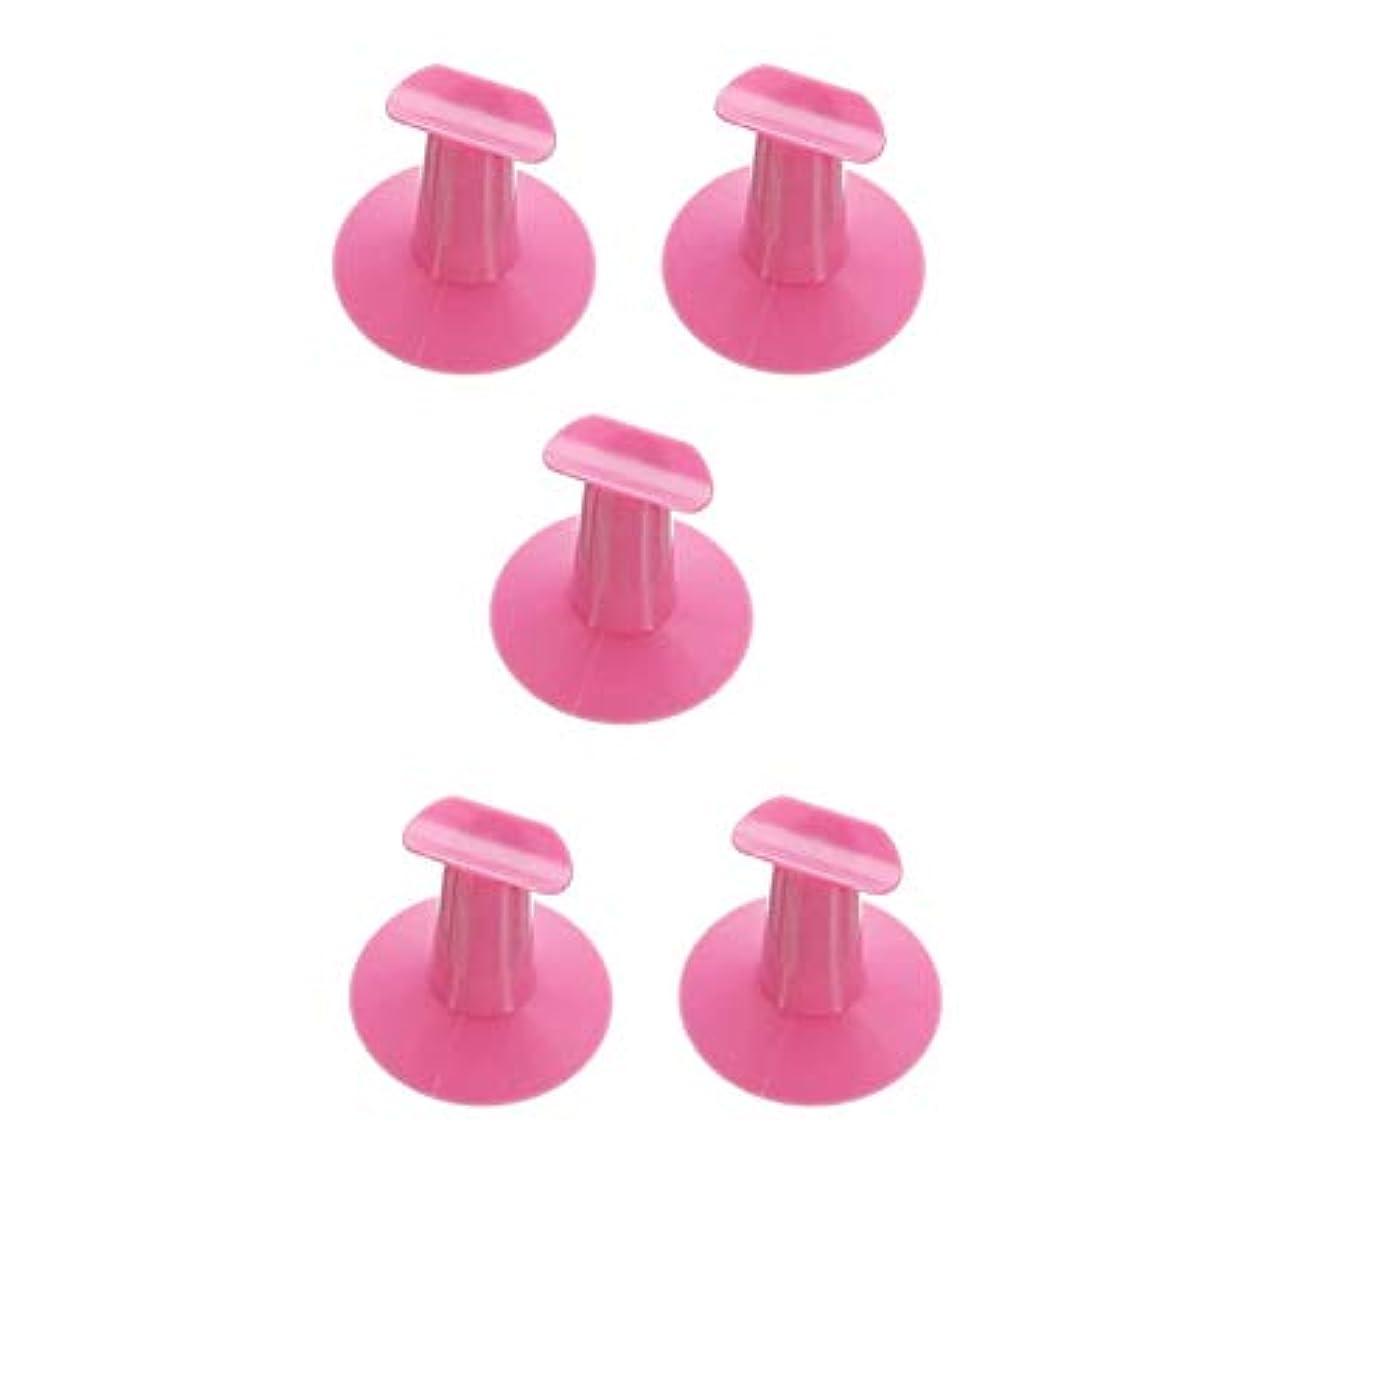 抜本的ななめらか定期的な5つのハードプラスチック製の交換用爪立って支持台DIYネイルアートデザイン絵画サロンランダムな色